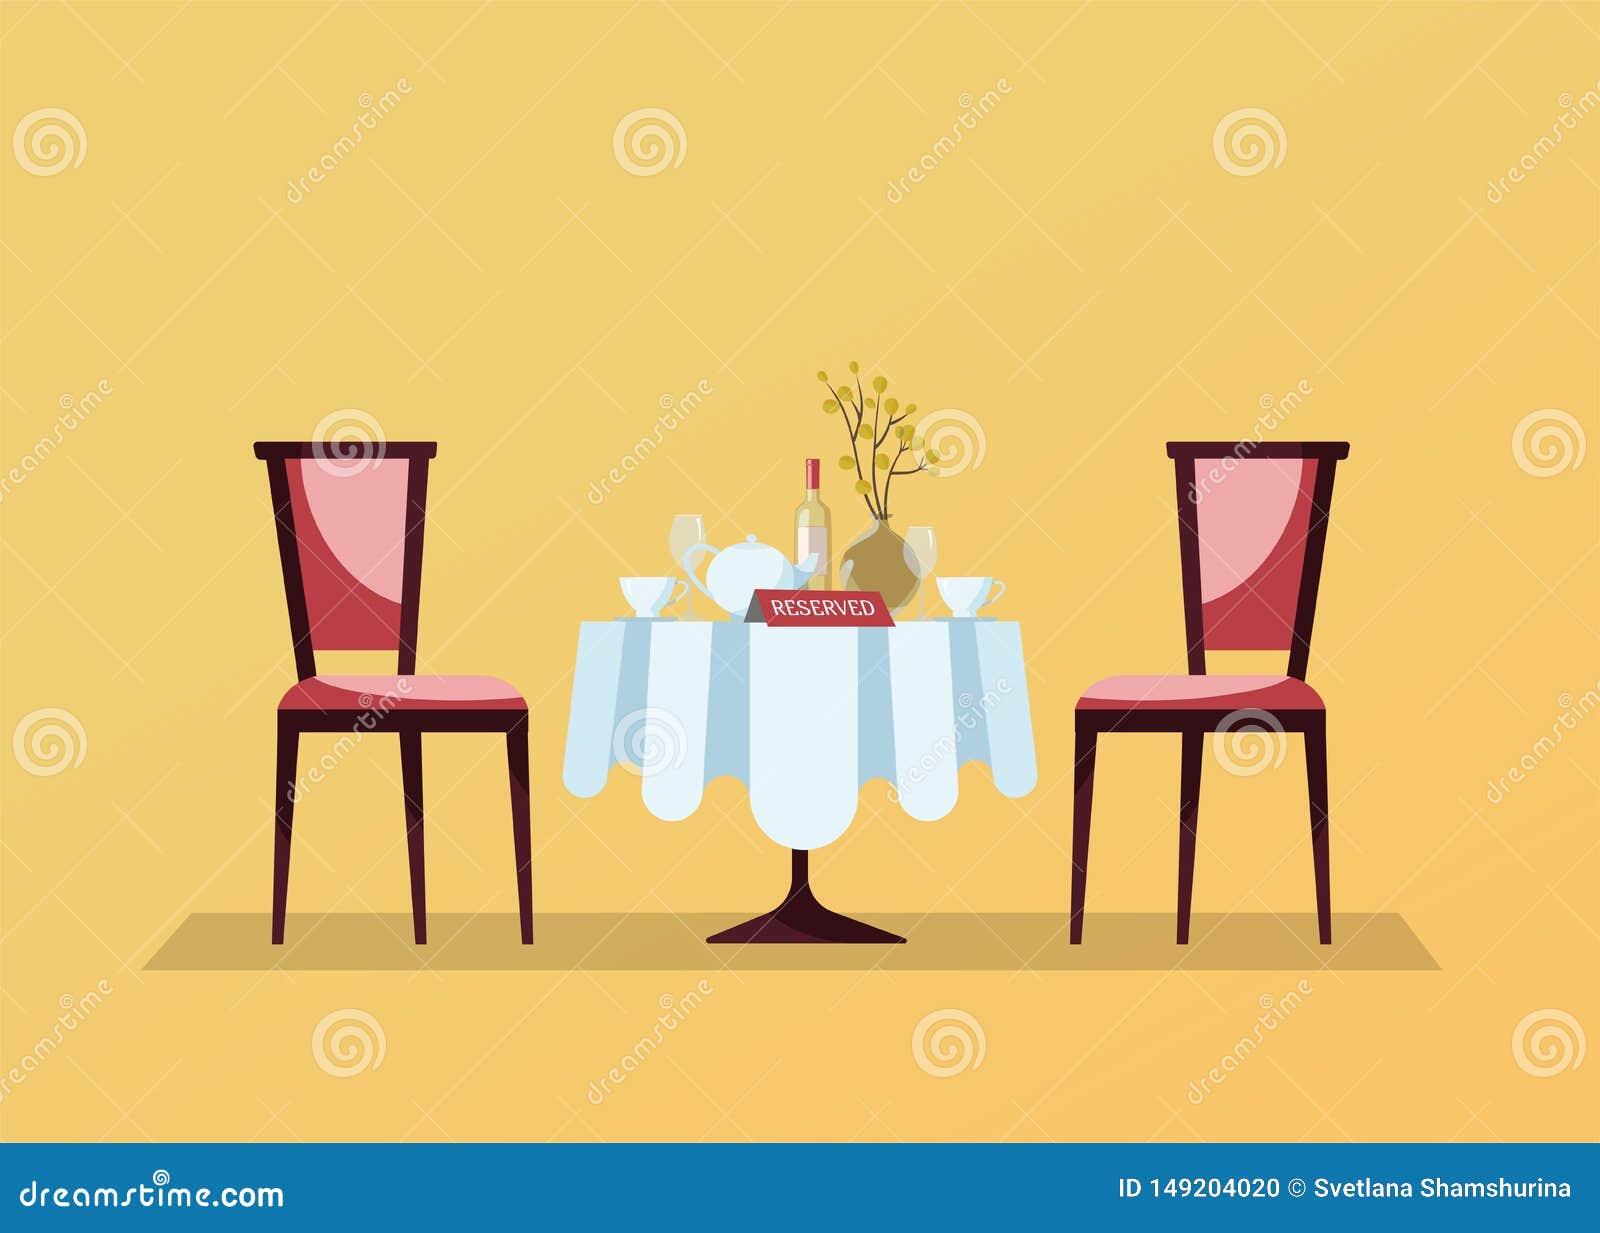 Mesa redonda del restaurante reservado con el mantel blanco, copas, botella de vino, pote, cortes, muestra tablero de la reserva